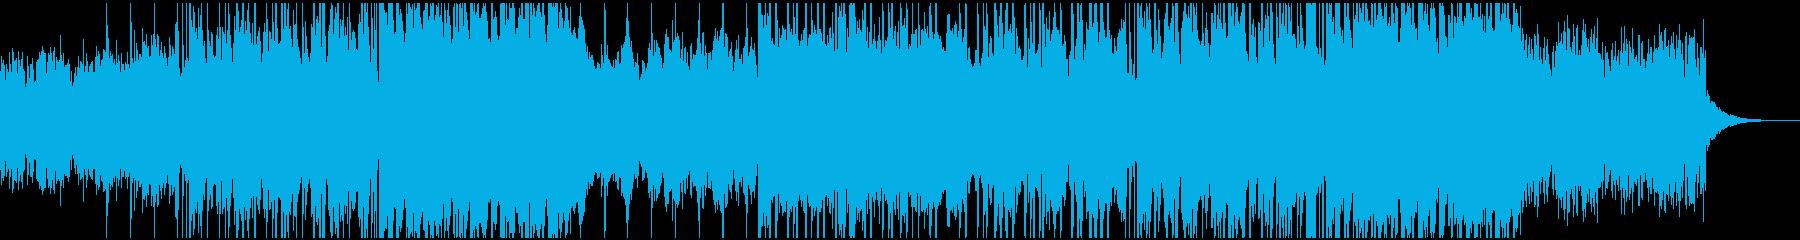 フューチャ ベース ゆっくり 魅惑...の再生済みの波形